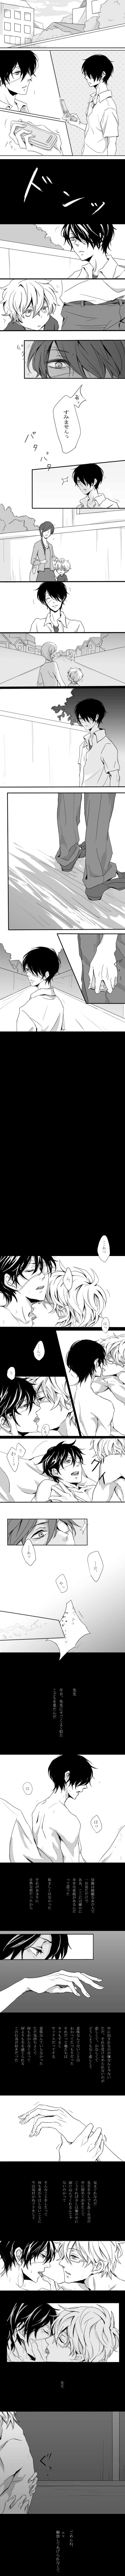 Tags: Anime, Ukiyo, Gintama, Ginpachi-sensei, Takasugi Shinsuke, Sakata Gintoki, Comic, GinTaka